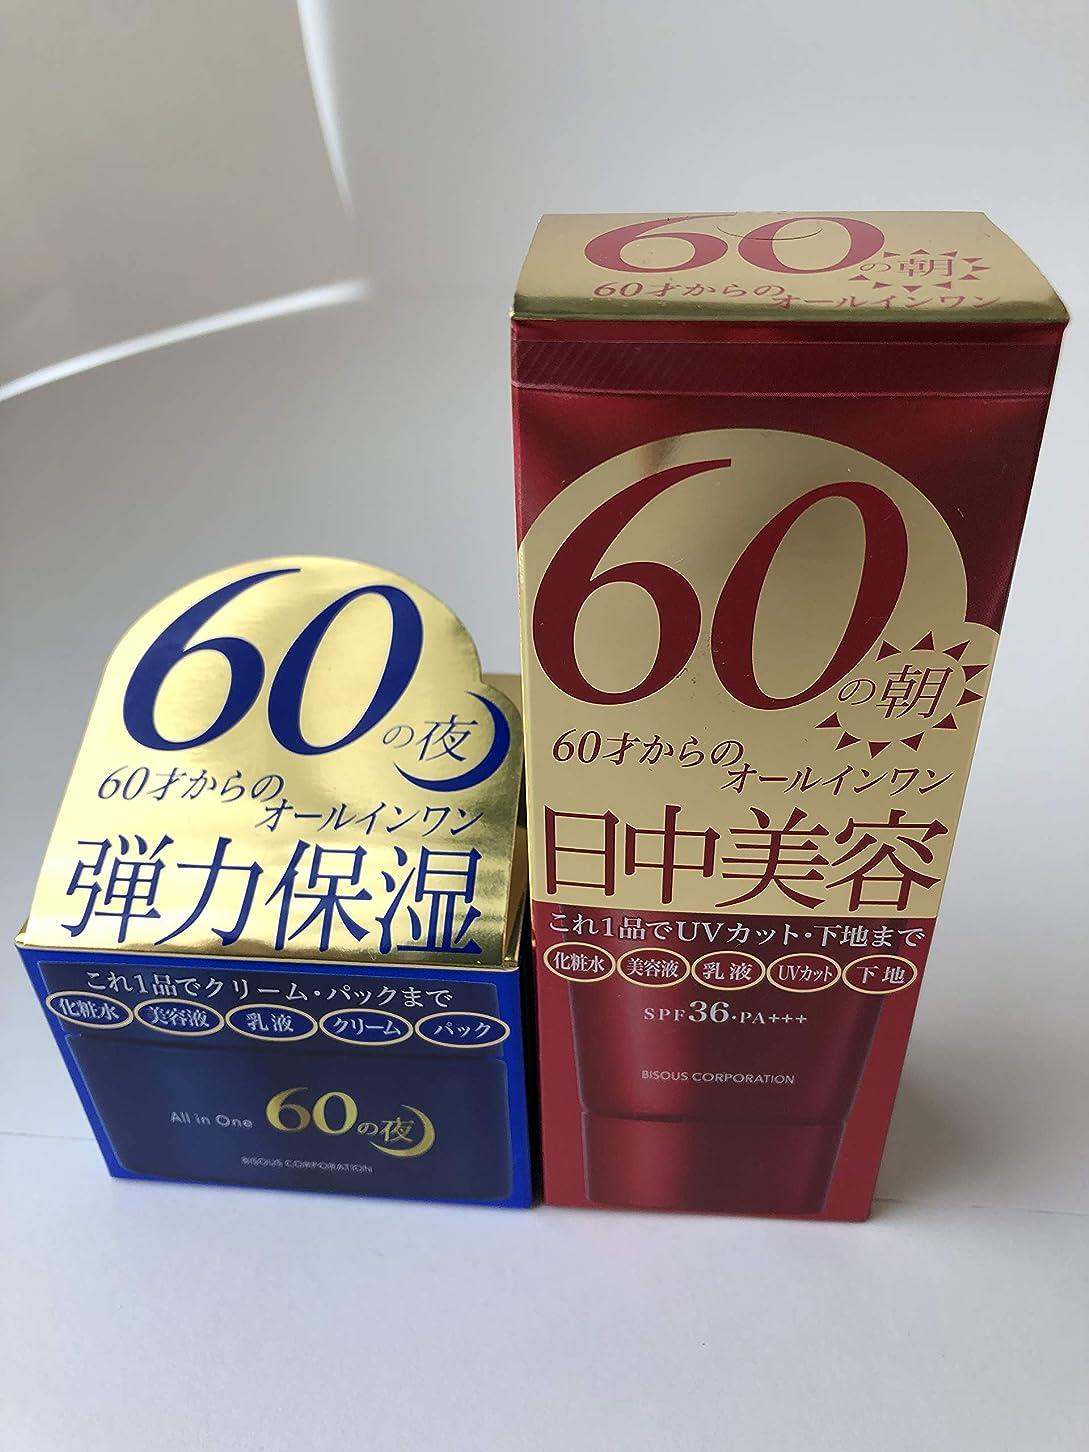 方法頭痛突撃ビズー 60の朝(1本入) +ビズー 60の夜(1本入) / (1set)